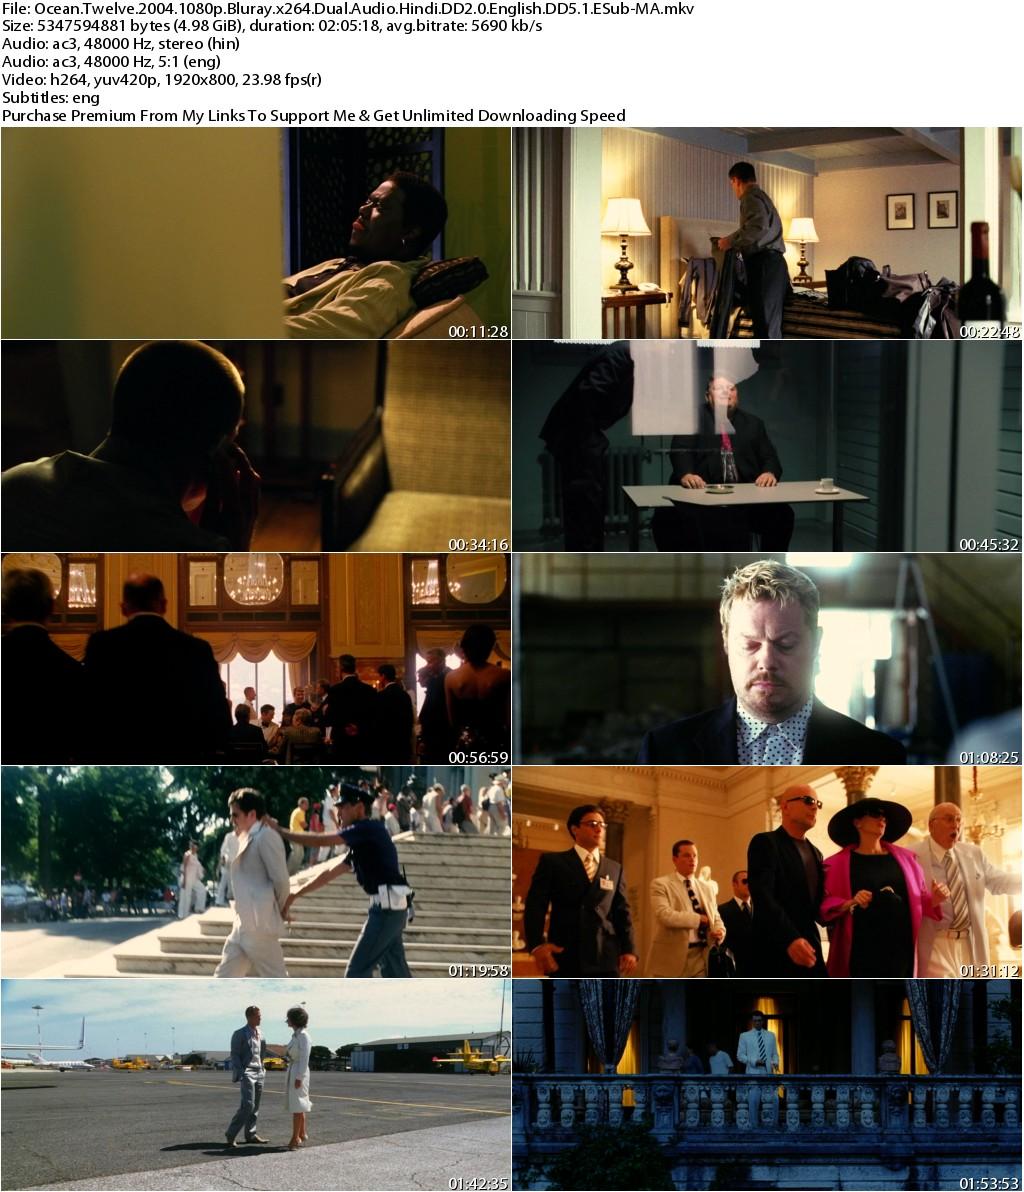 Oceans Twelve (2004) 1080p Bluray x264 Dual Audio Hindi DD2.0 English DD5.1 ESub-MA